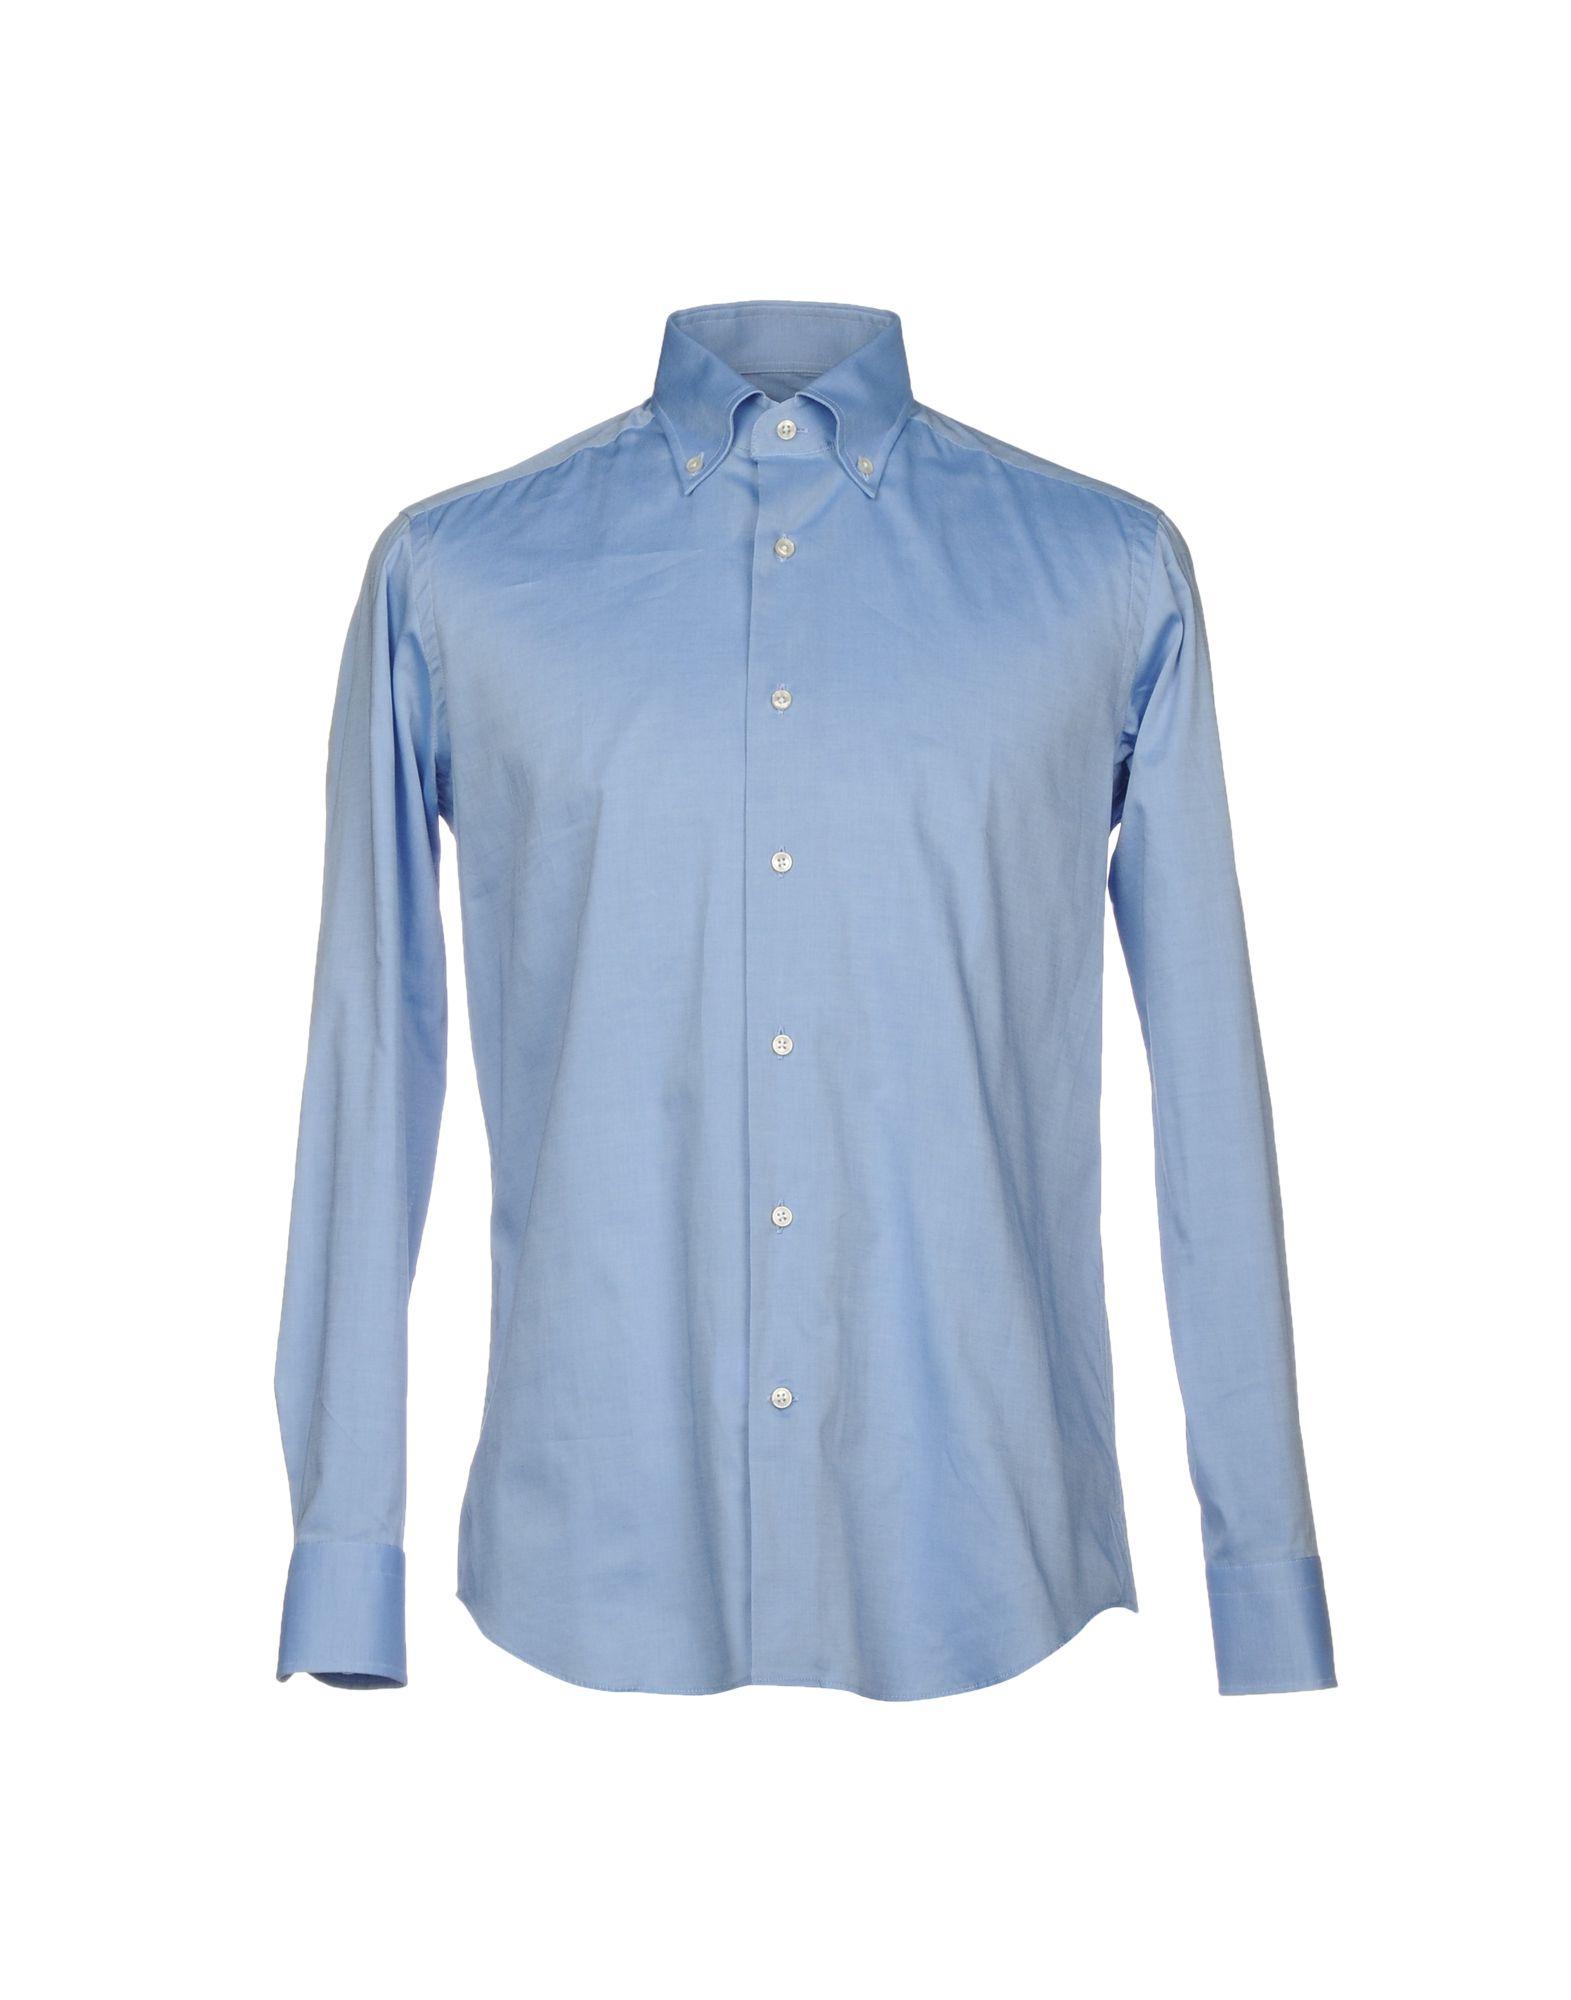 《送料無料》HEAVEN BIRD メンズ シャツ ブルー 39 コットン 100%